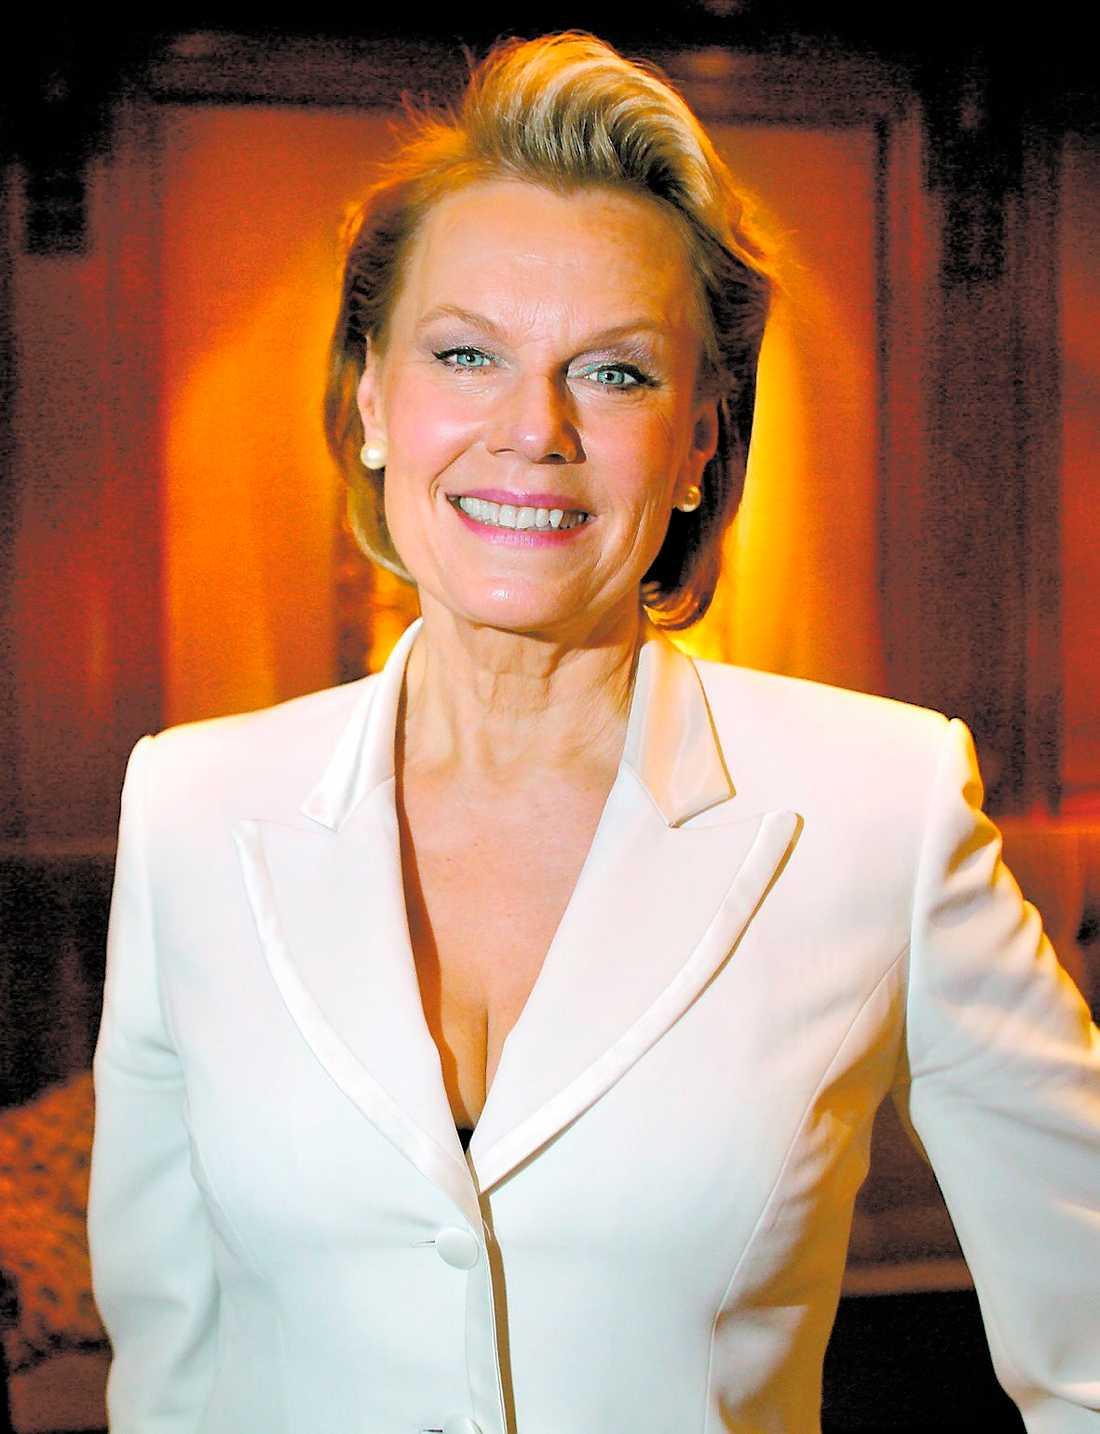 """BAD förgäves Arja Saijonmaa försökte utan att få gehör övertala SVT att inte visa inslaget när hon gråter i """"Stjärnorna på slottet""""."""